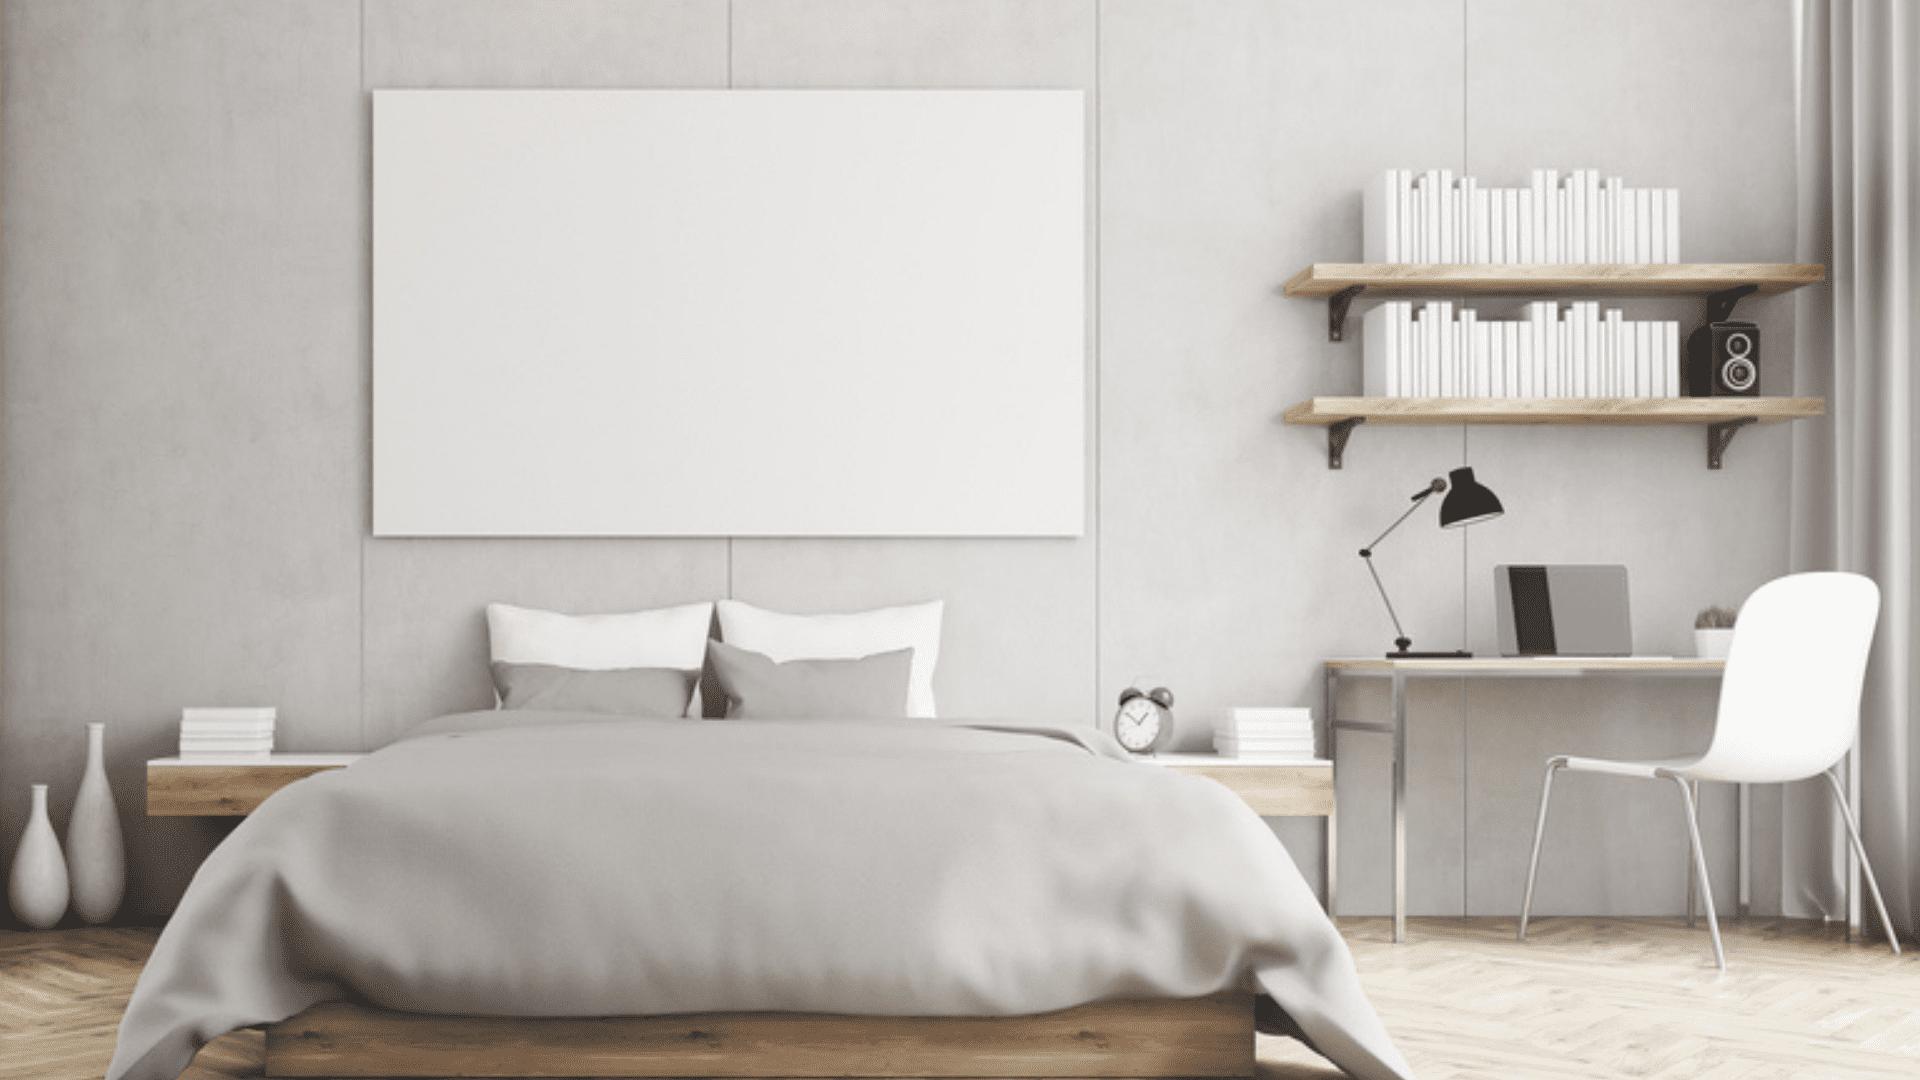 Confira outras dicas que preparamos para a decoração do seu quarto (Imagem: Reprodução/Shutterstock)